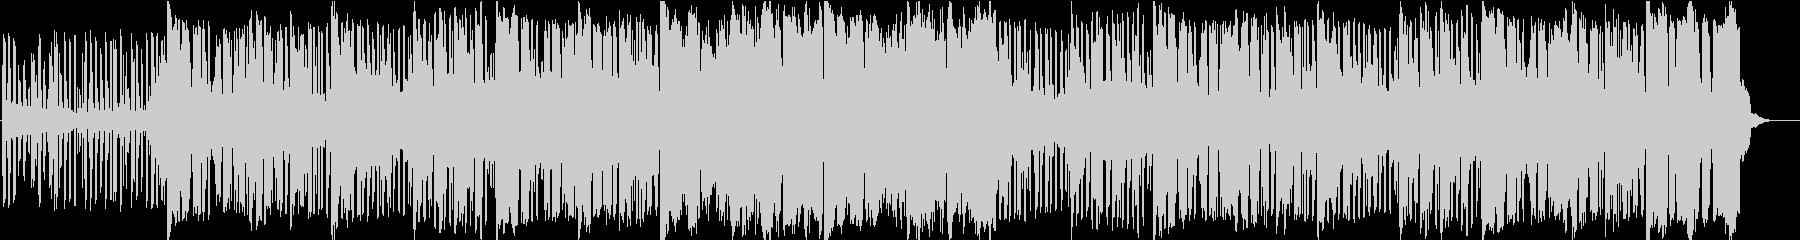 ケルト 中世ヨーロッパ 異世界なBGM の未再生の波形